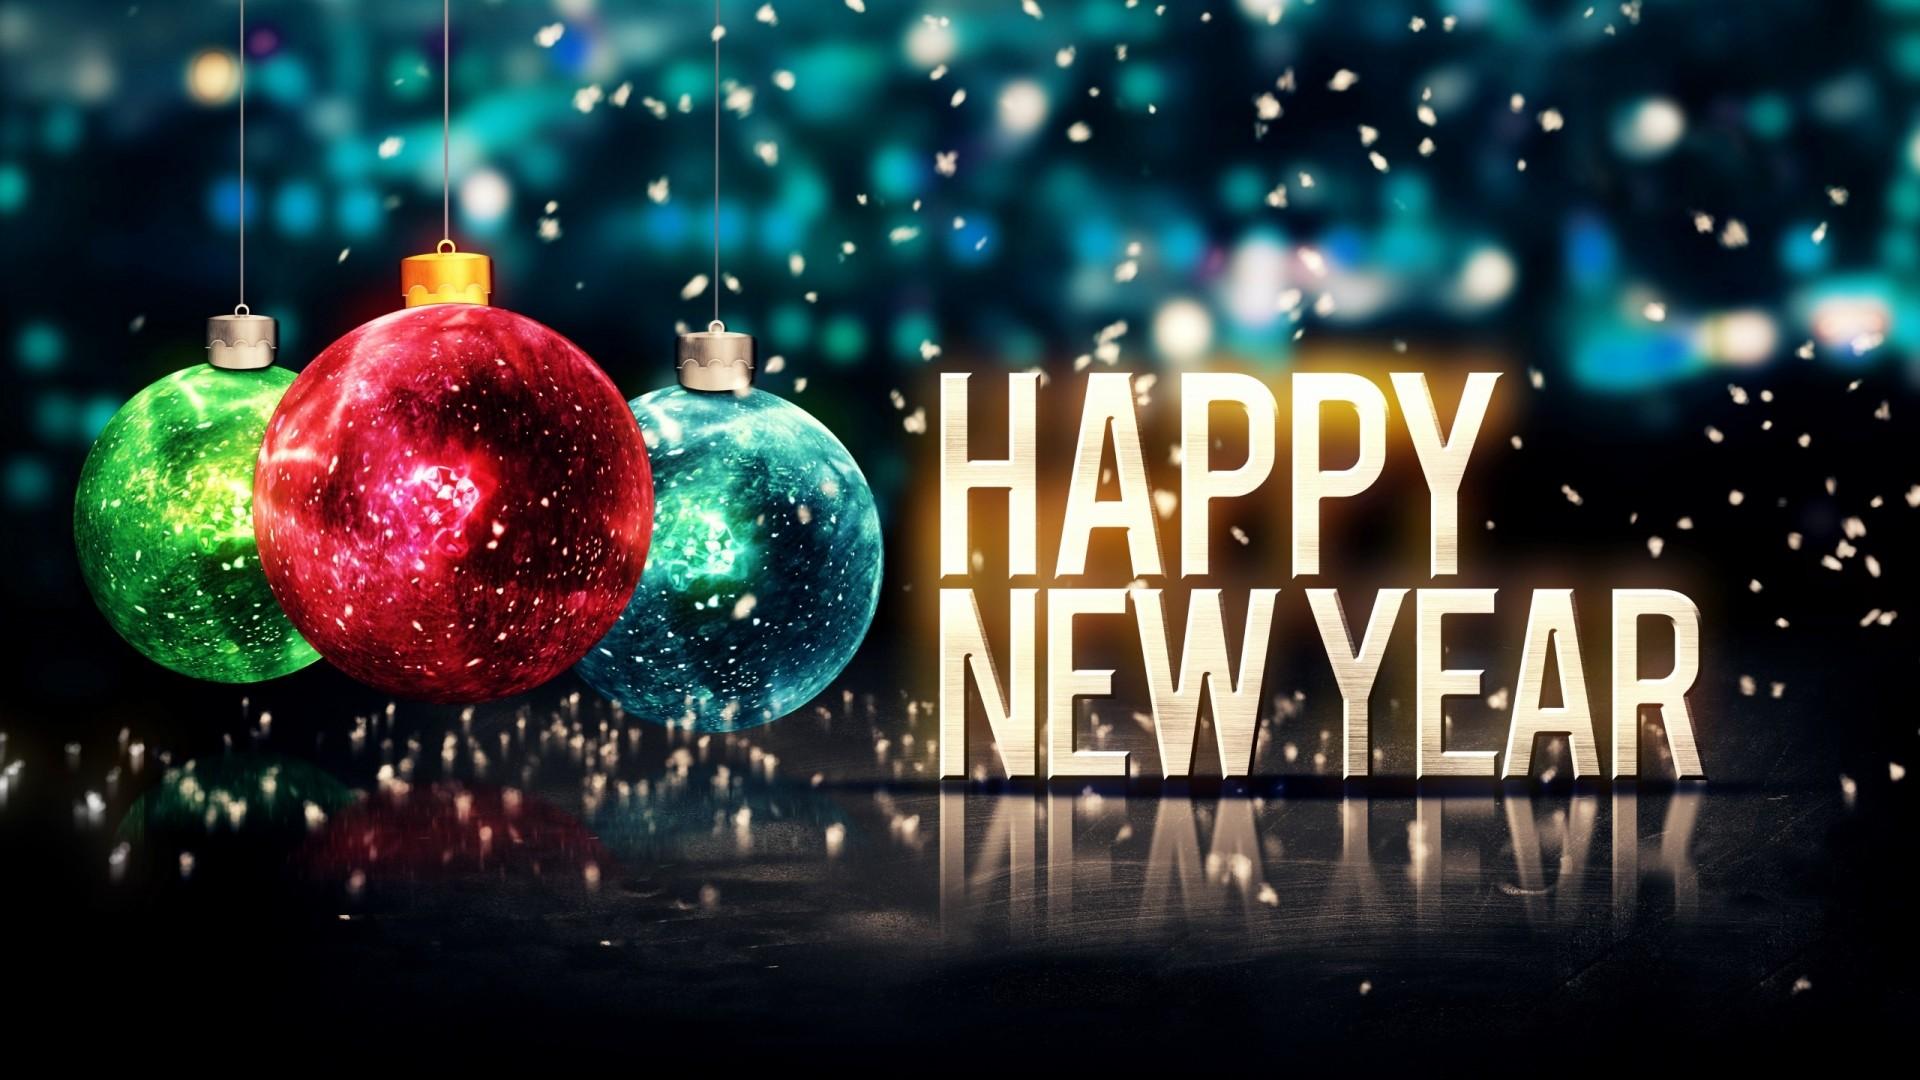 New Year Desktop Wallpaper 69 Pictures